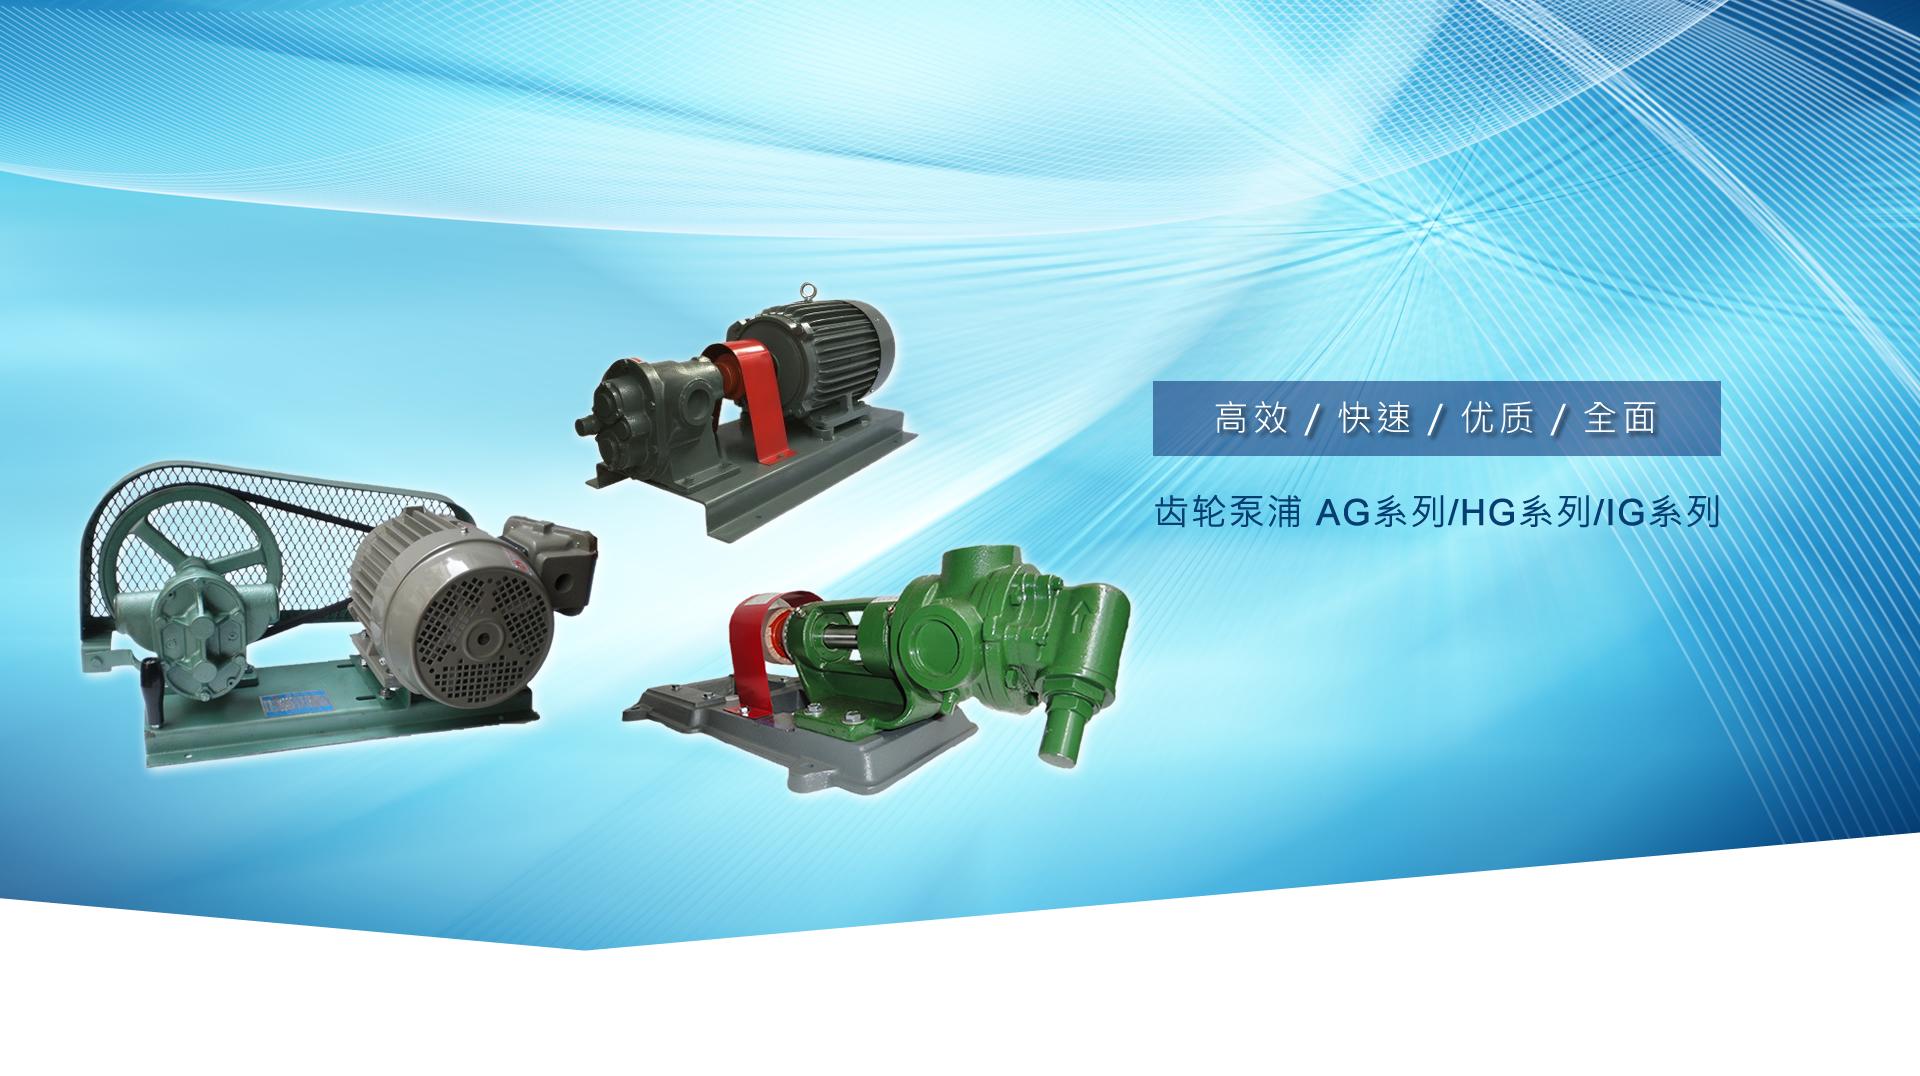 齿轮泵浦AG系列/HG系列/IG系列